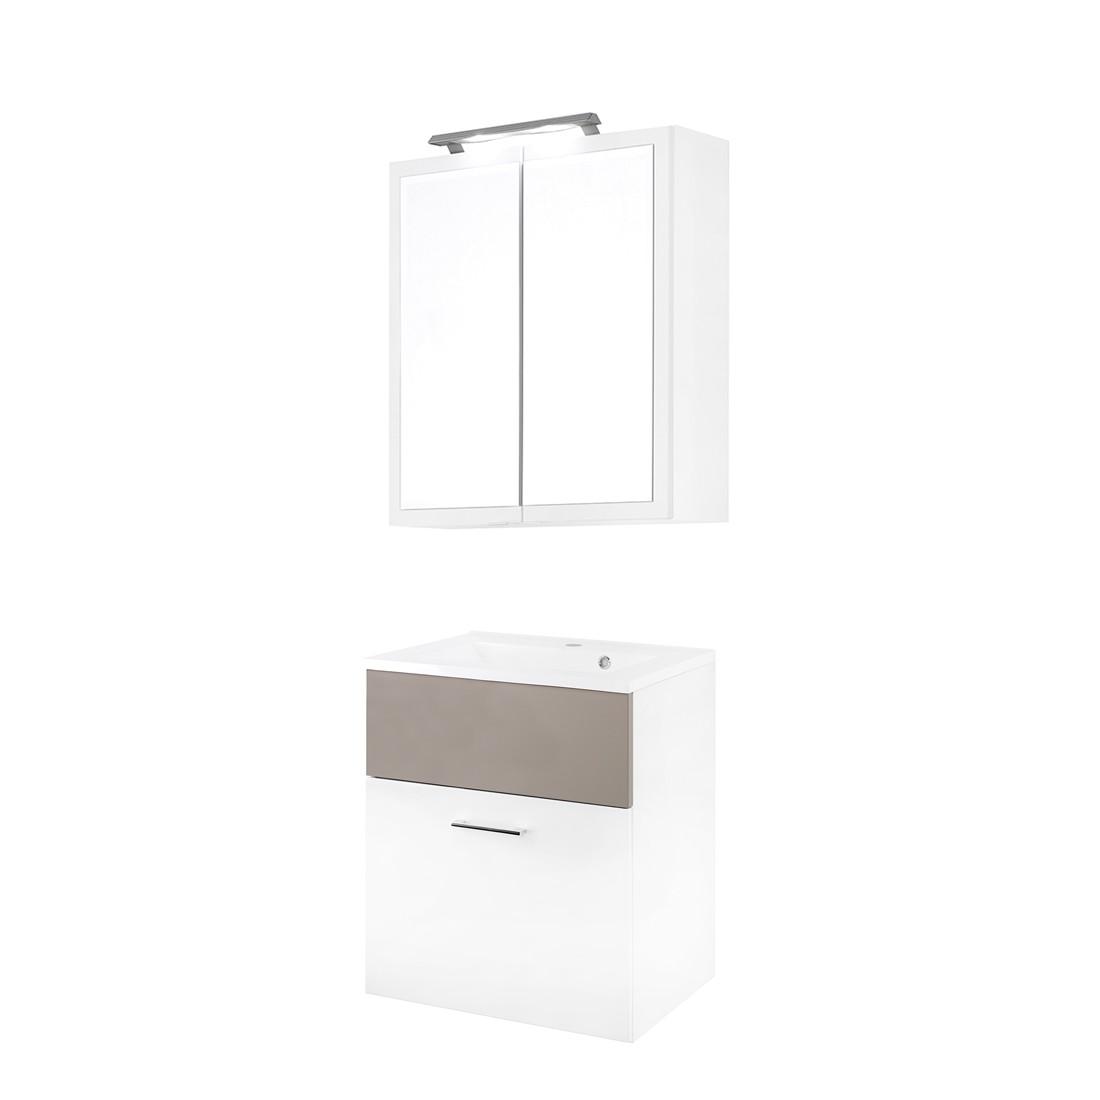 Waschmaschinenschrank Mit Waschbecken :  Weiß (Mit Waschtisch inkl Waschbecken)  Schrankinfo  Schrankinfo